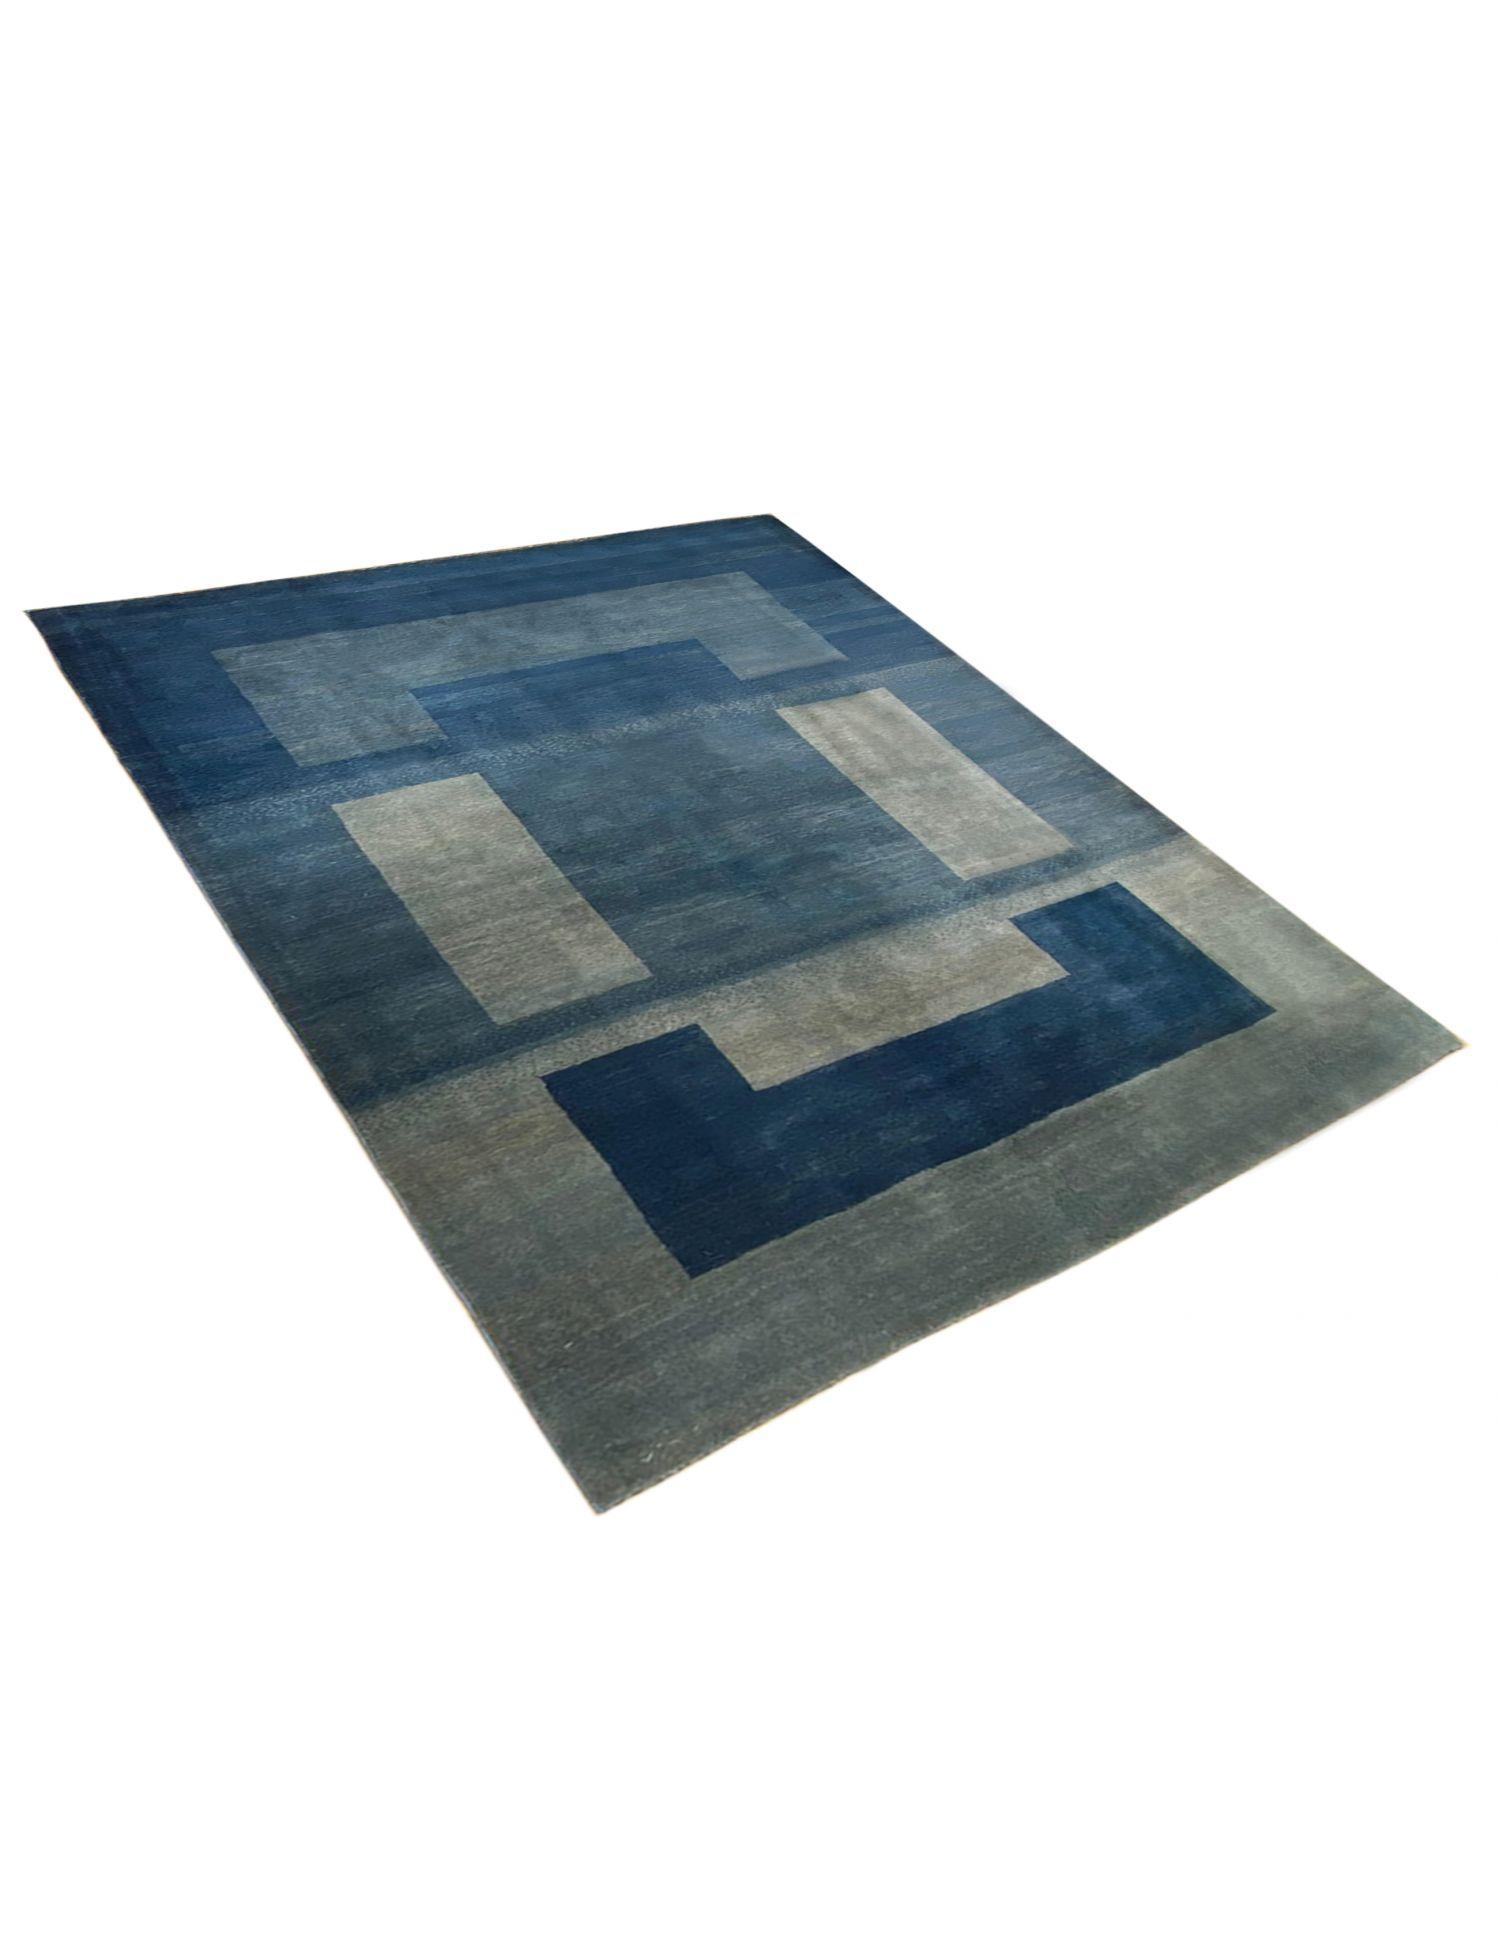 Moderne Teppiche   <br/>285 x 218 cm